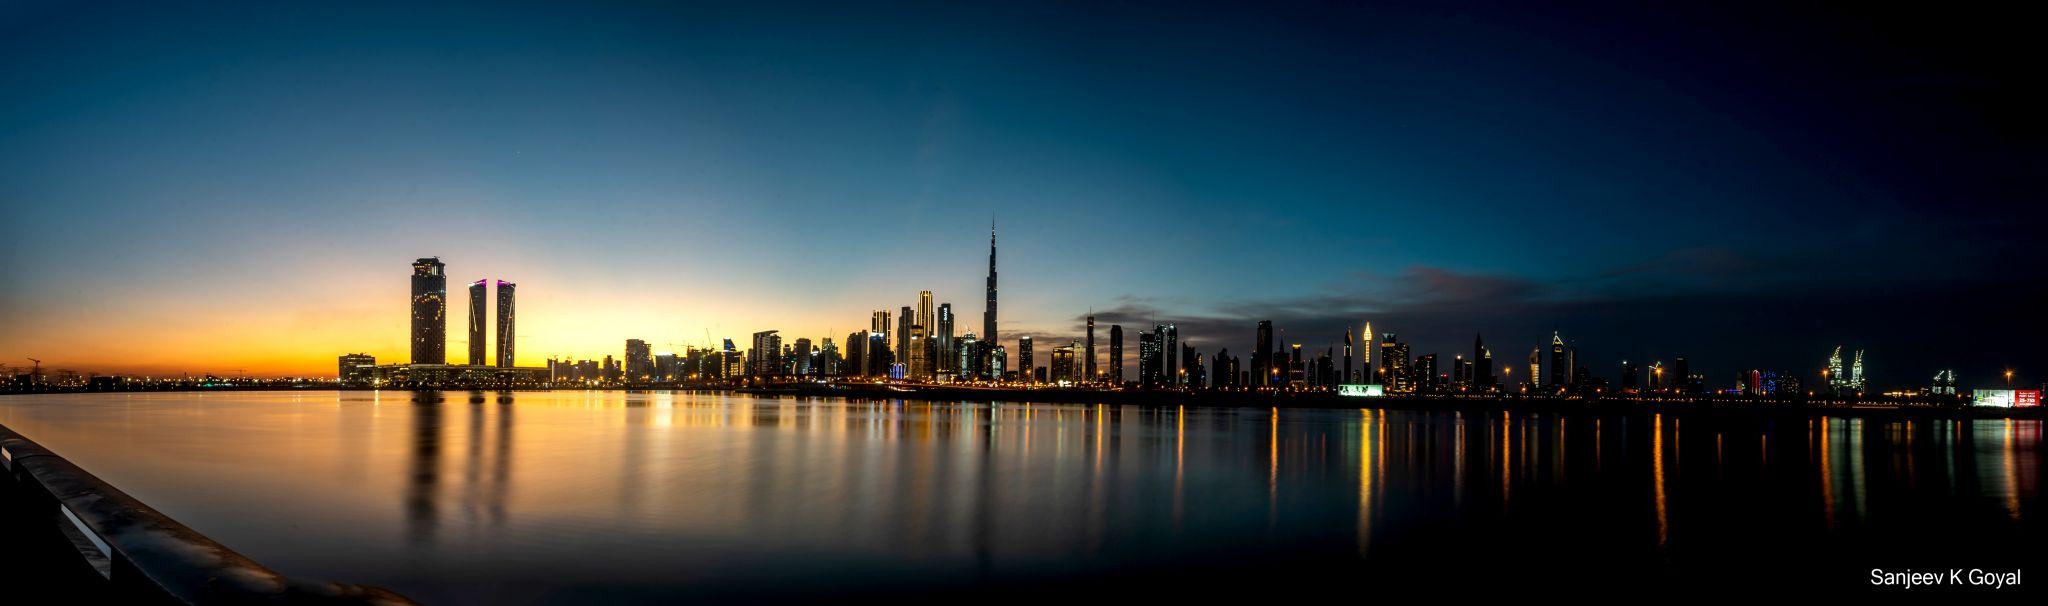 Dubai Design district, United Arab Emirates